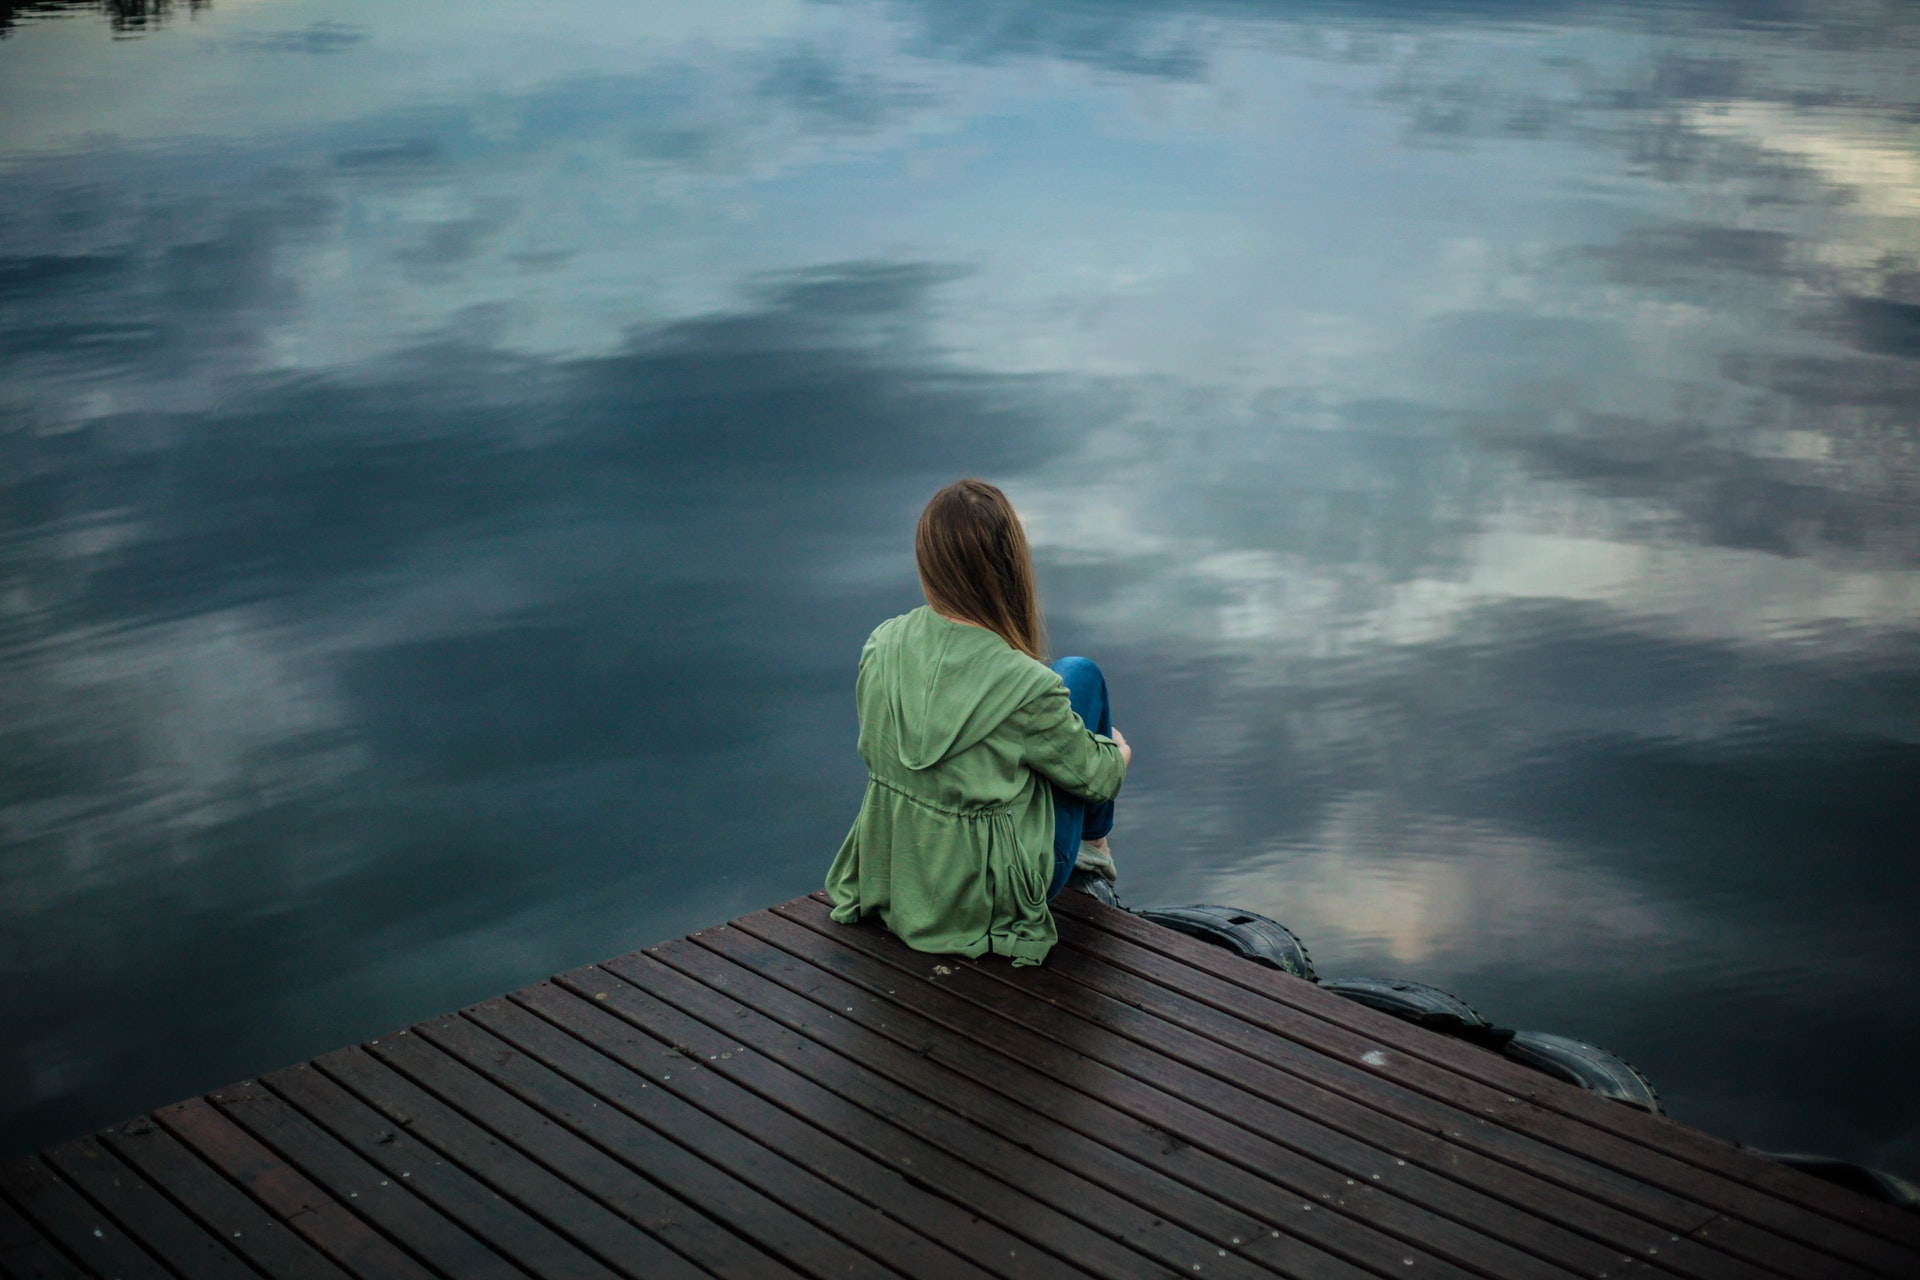 Çocukluktan Yetişkinliğe Anksiyete ve Anksiyetenin Etkileri